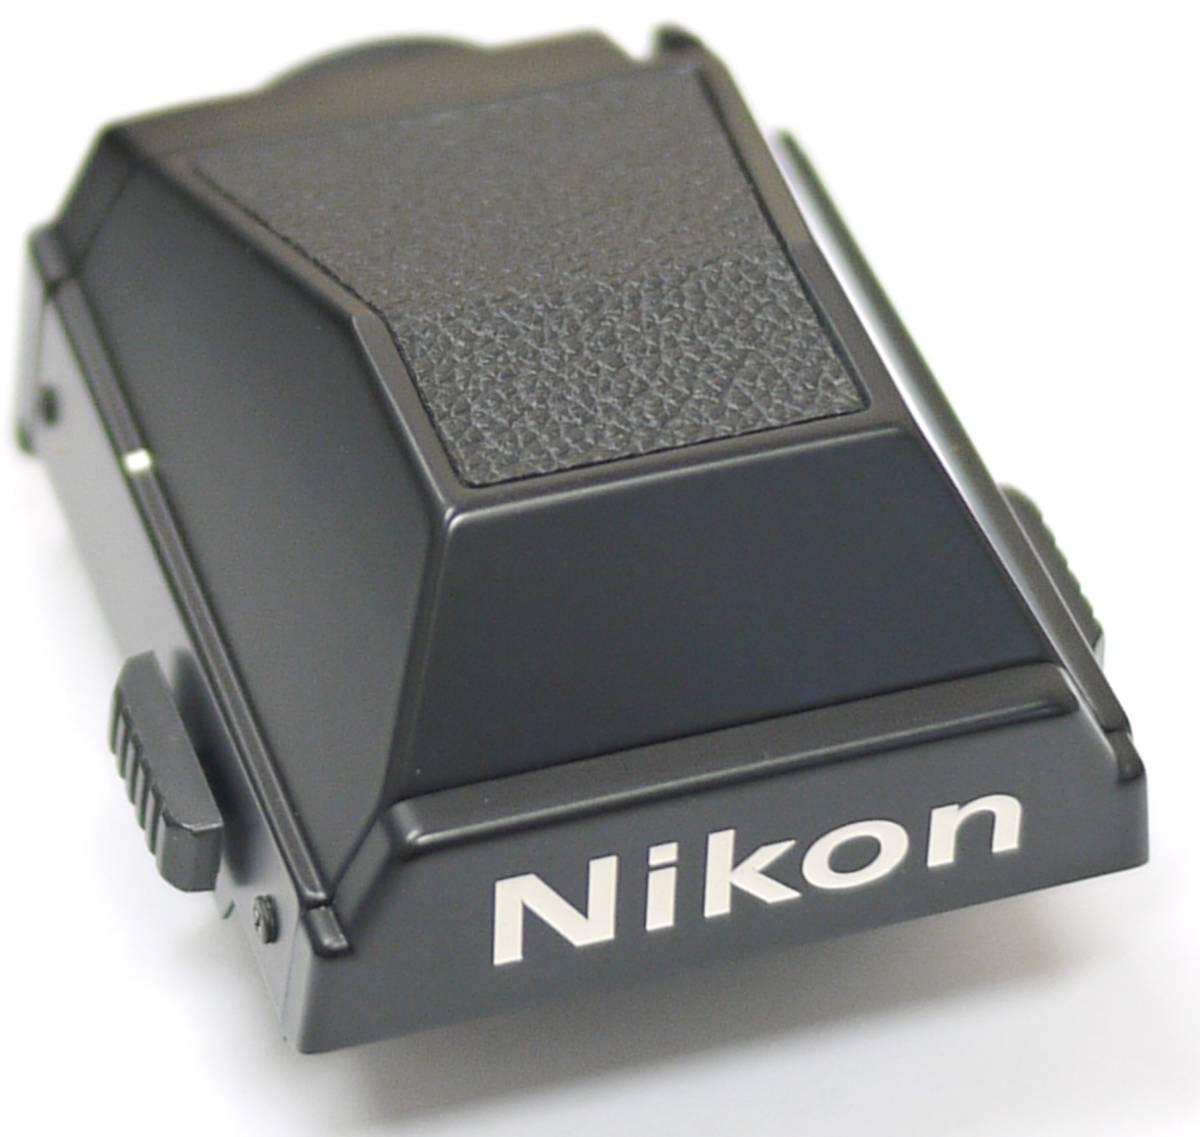 11*ジャンク Nikon ニコン アイレベルファインダー DE-2 裏蓋 MF-14 F3 カメラ レンズ アクセサリー 裏ブタ _画像2